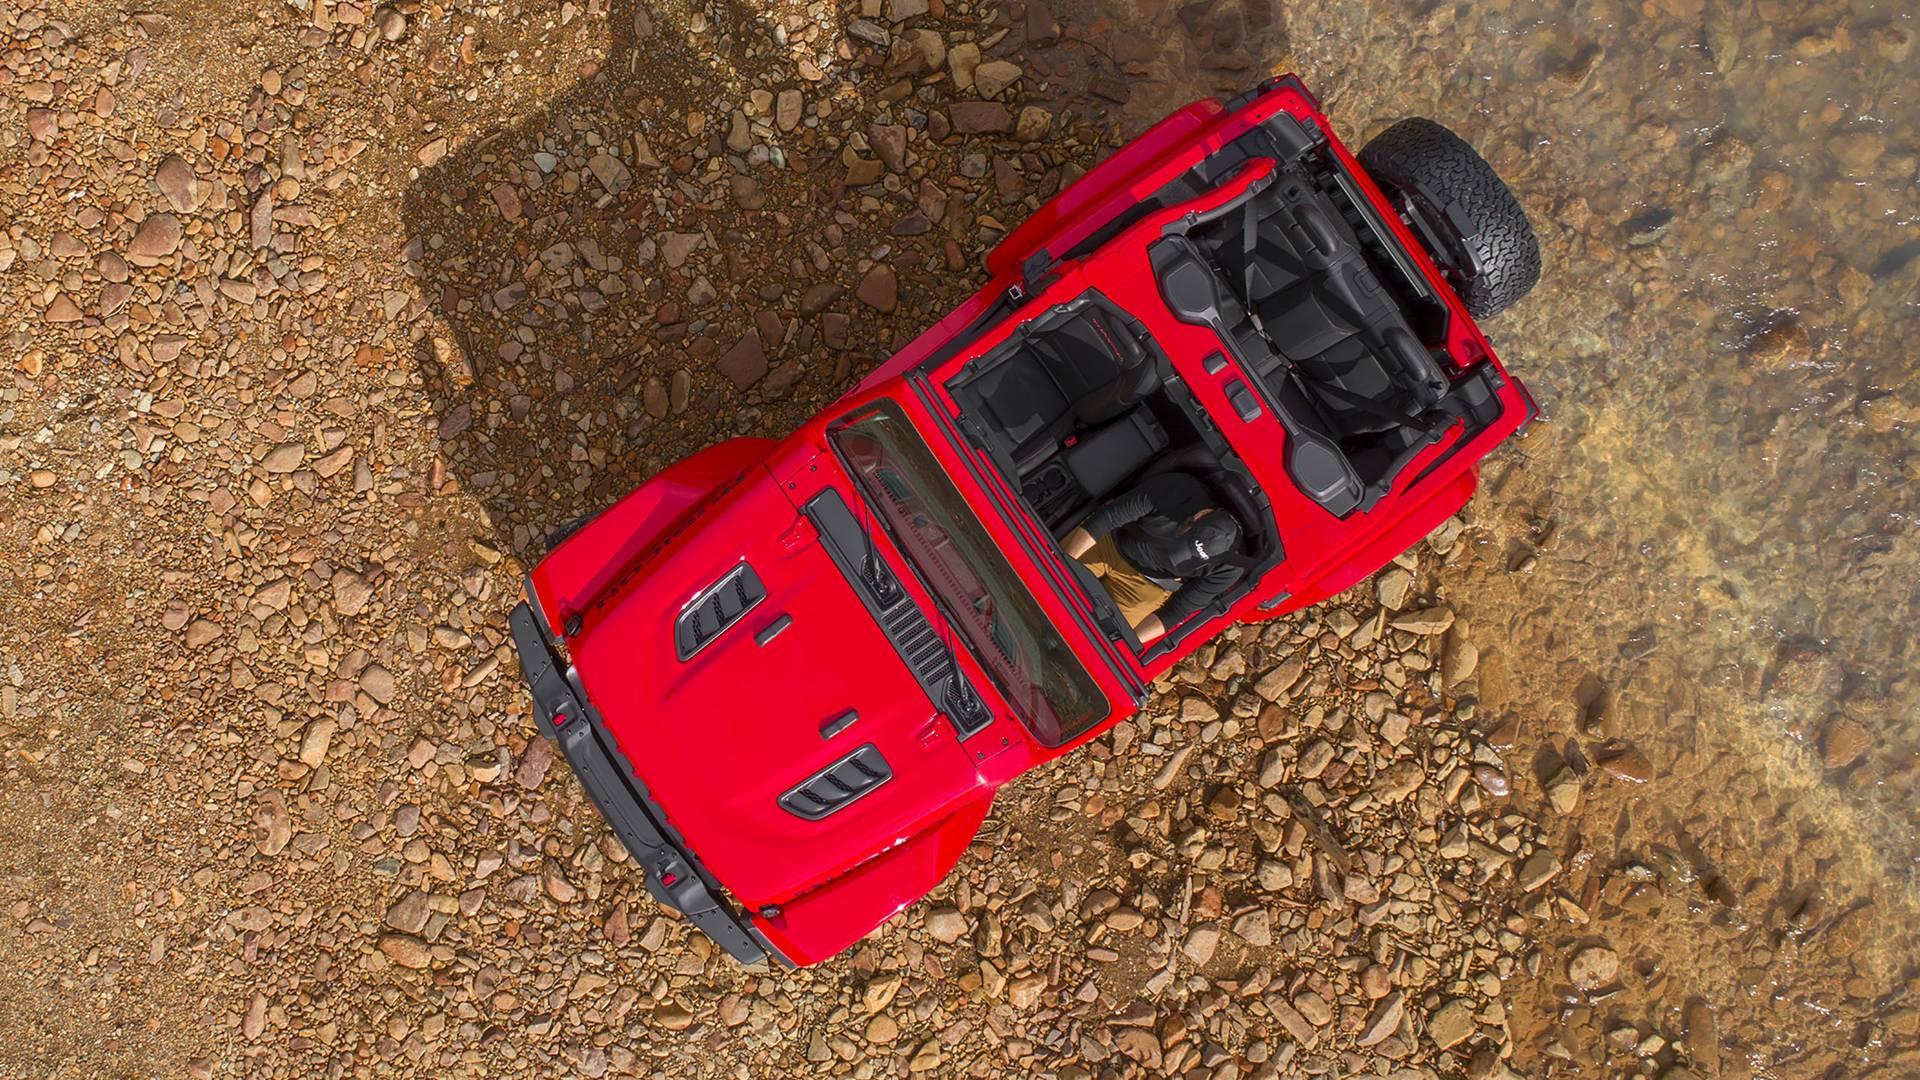 Jeep nous dévoilera plus de détails sur le nouveau Wrangler le 29 novembre, en marge de sa présentation en première mondiale au Salon de Los Angeles, qui se tiendra du 1er au 10 décembre 2017.